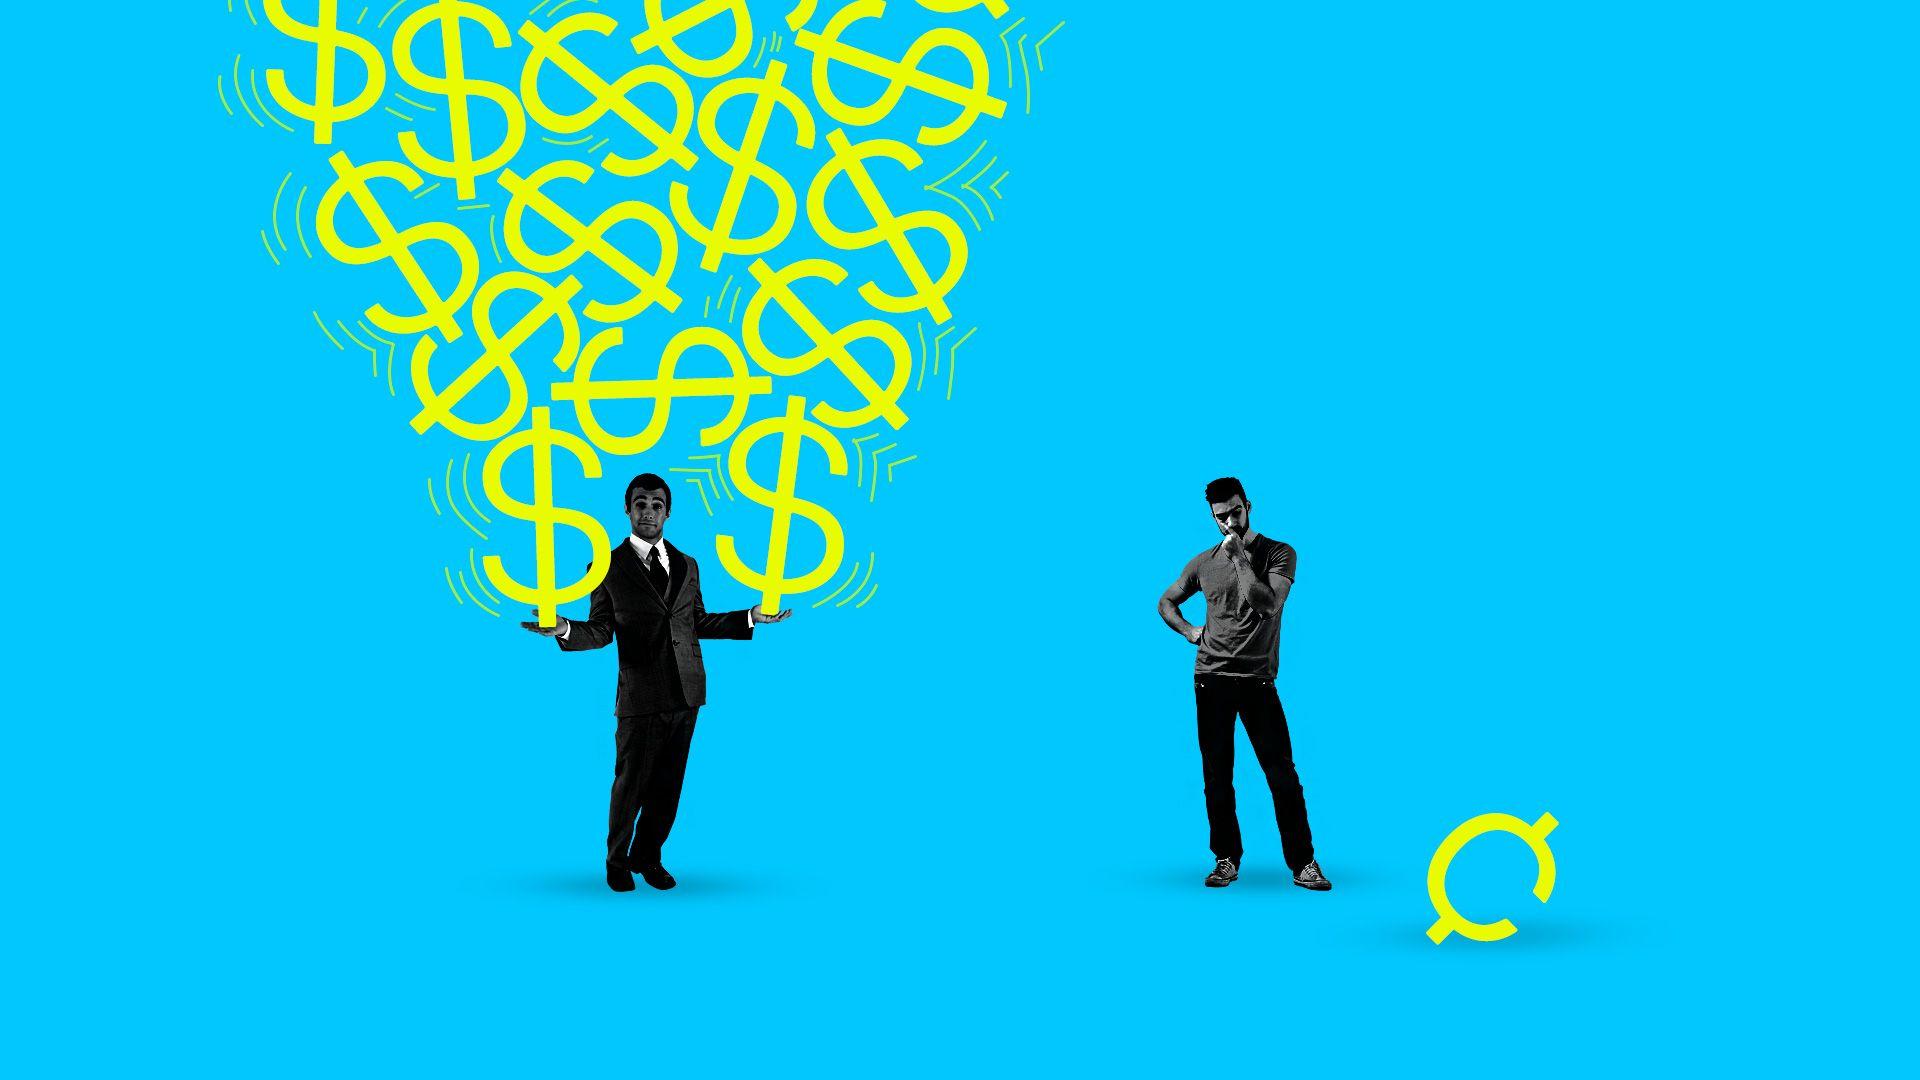 A man balancing dollars, another man contemplating cents.